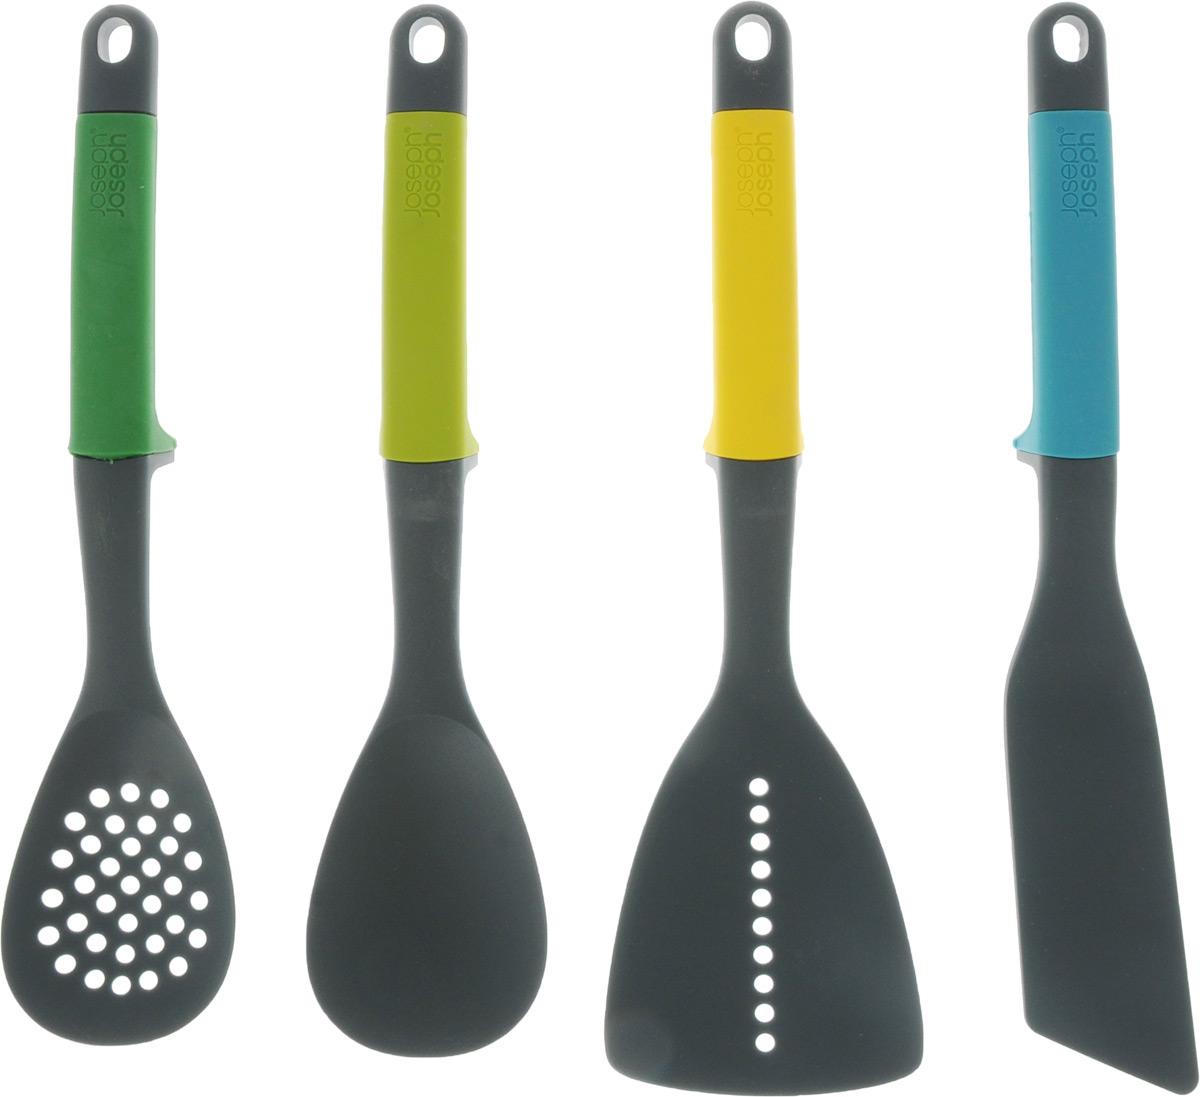 Набор кухонных предметов Joseph Joseph Elevate, 4 шт10157Набор кухонных приборов Joseph Joseph Elevate поможет в приготовлении ваших любимых блюд. В наборе: ложка, ложка для спагетти, ложка с прорезью, лопатка и лопатка-шумовка. Эргономичные цветные рукоятки дополнены отверстиями для подвешивания. Яркий набор станет оригинальным украшением кухонного интерьера.Можно мыть в посудомоечной машине. Приборы безопасны для посуды с антипригарным и тефлоновым покрытием. Длина приборов: 30,5 см.